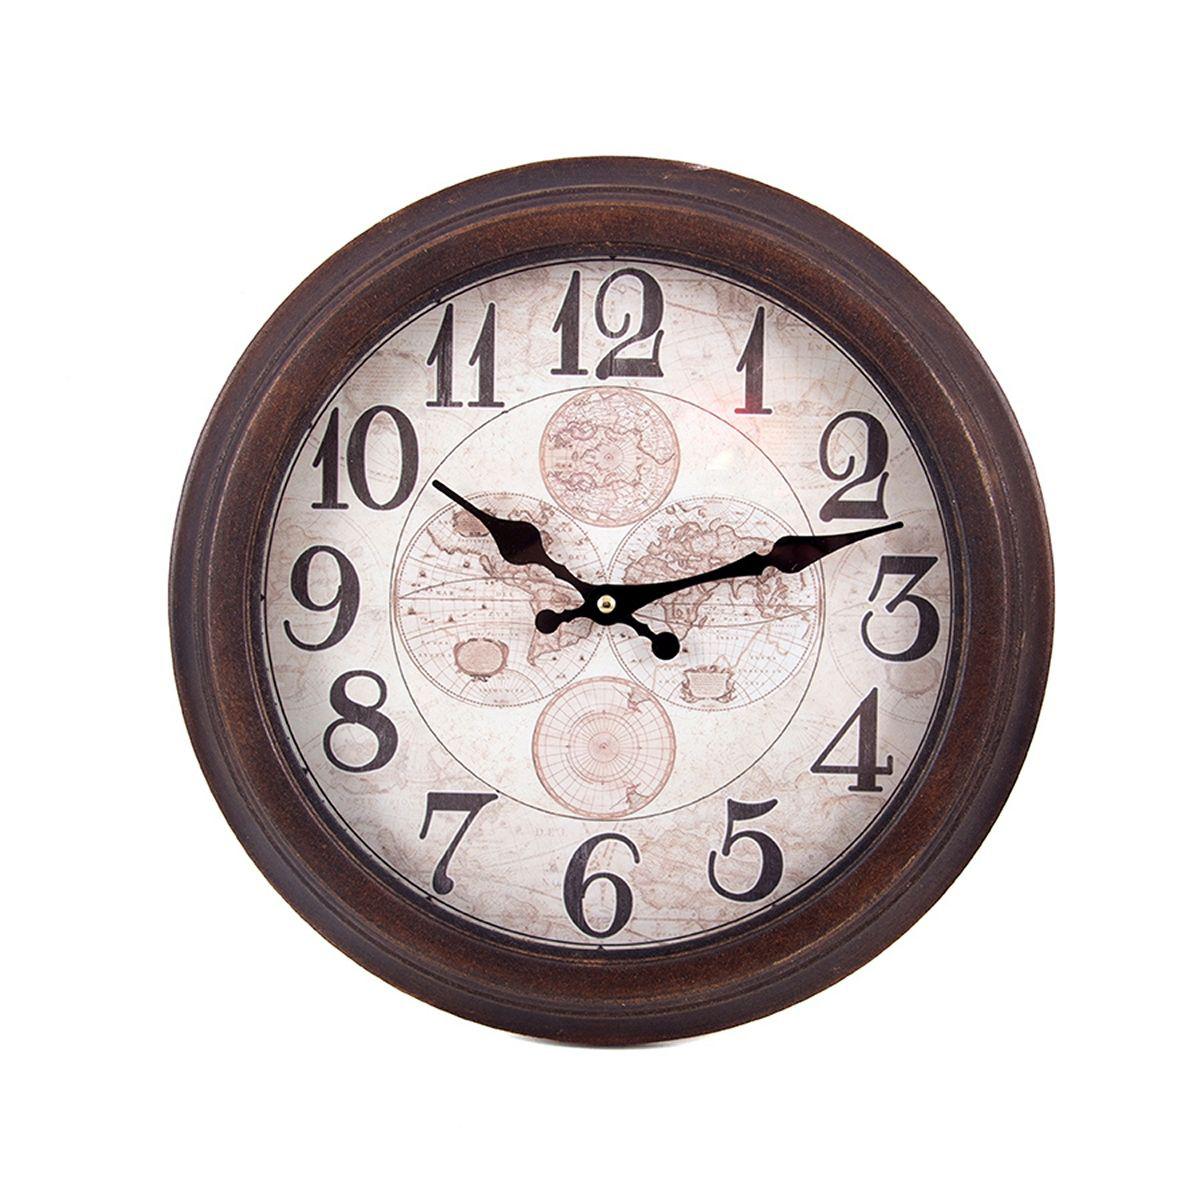 Часы настенные Русские Подарки, 35 х 5 х 35 см. 2963529635Настенные кварцевые часы Русские Подарки изготовлены из МДФ. Циферблат защищен стеклом. Часы имеют две стрелки - часовую и минутную. С обратной стороны имеется петелька для подвешивания на стену. Изящные часы красиво и оригинально оформят интерьер дома или офиса. Также часы могут стать уникальным, полезным подарком для родственников, коллег, знакомых и близких. Часы работают от батареек типа АА (в комплект не входят).